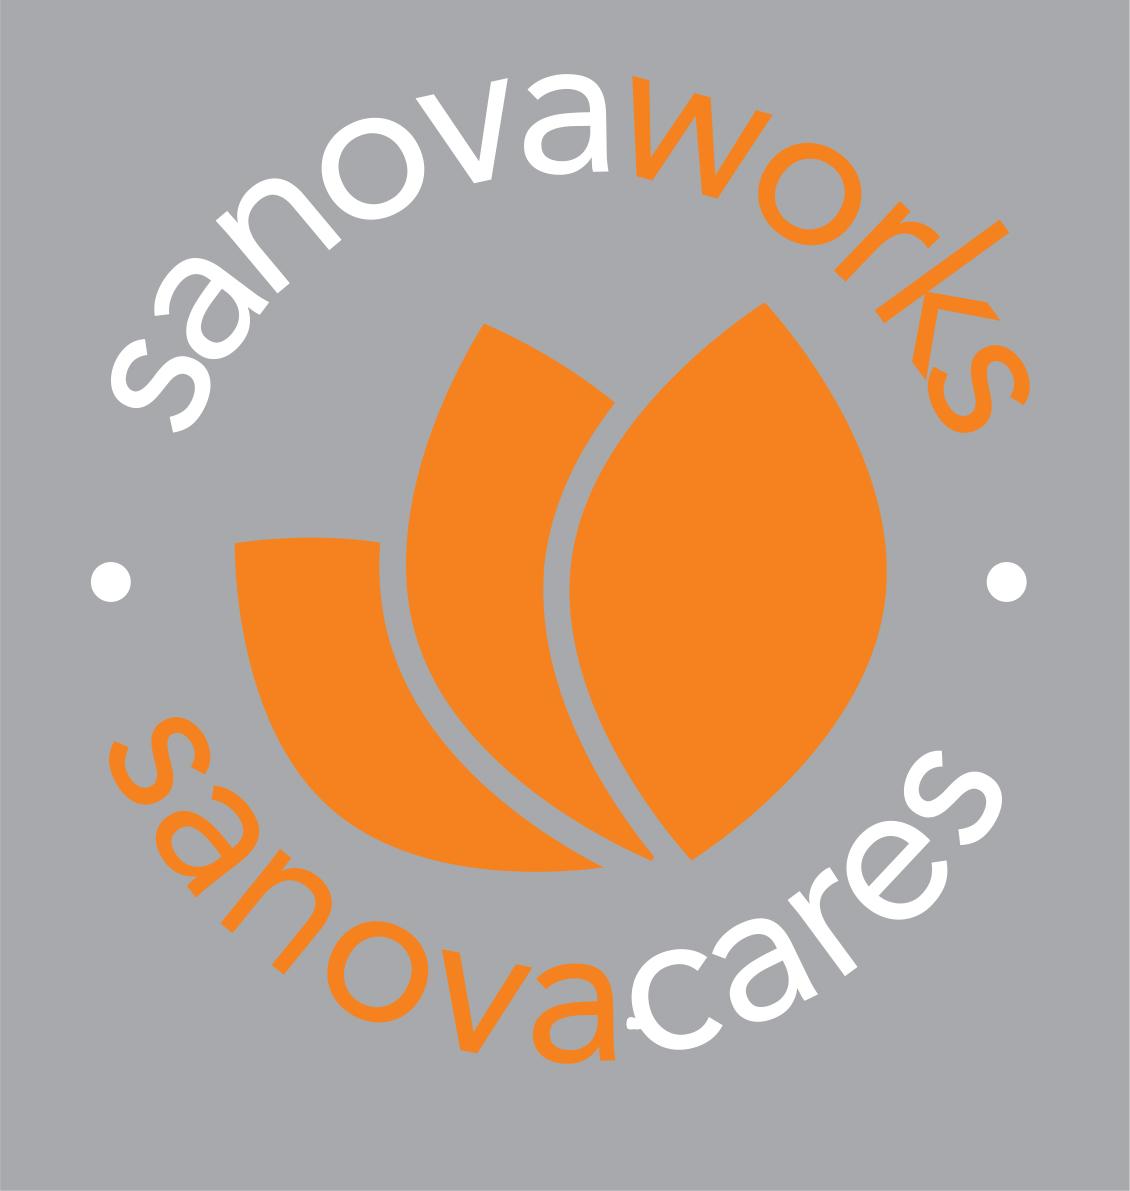 Sanovaworks Cares logo